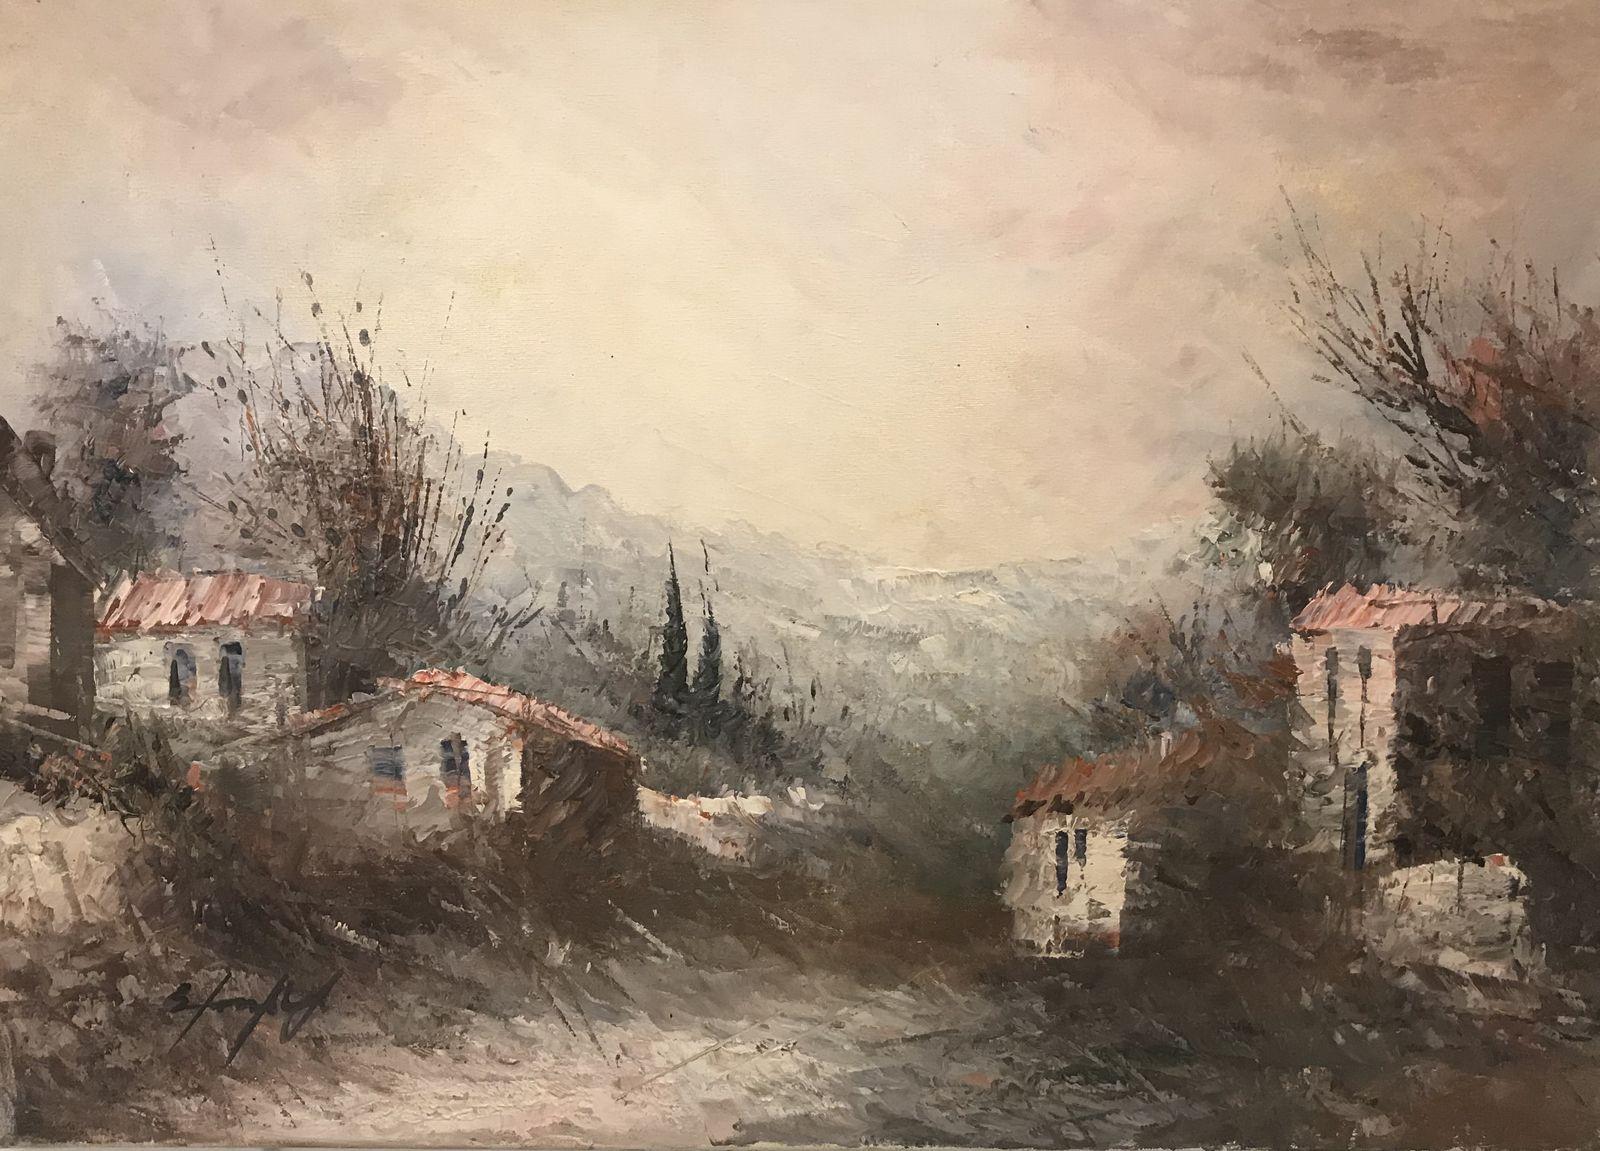 Σταματίνα Μαρνέζου 50×70 Ακρυλικά σε καμβά Stamatina Marnezou 50×70 Acrylics on canvas (2)